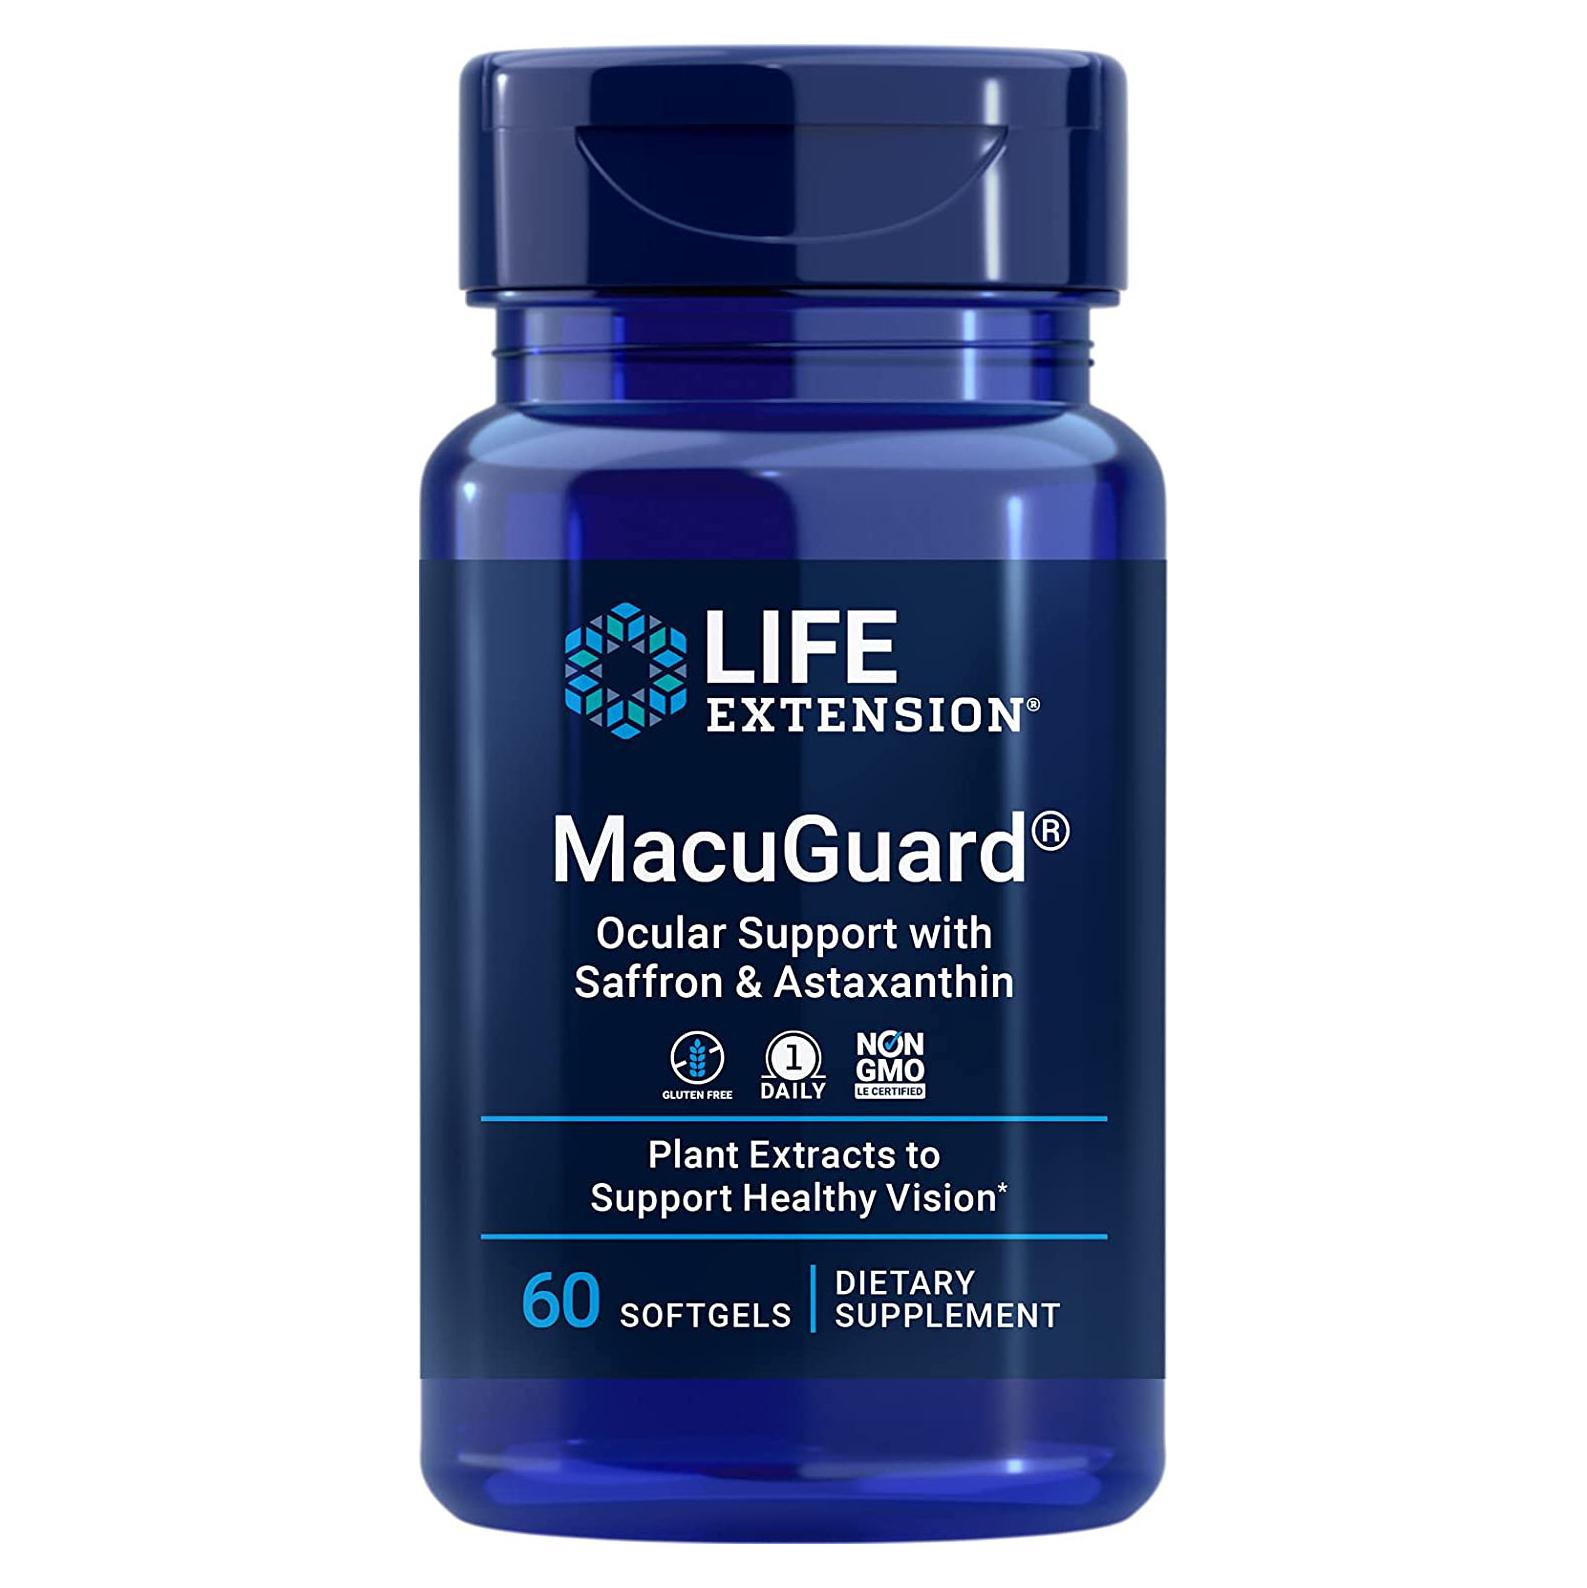 Life Extension ライフエクステンション MacuGuard 眼球サポート アスタキサンチン入り サフラン 買い物 ついに入荷 60ソフトジェル + 海外直送品